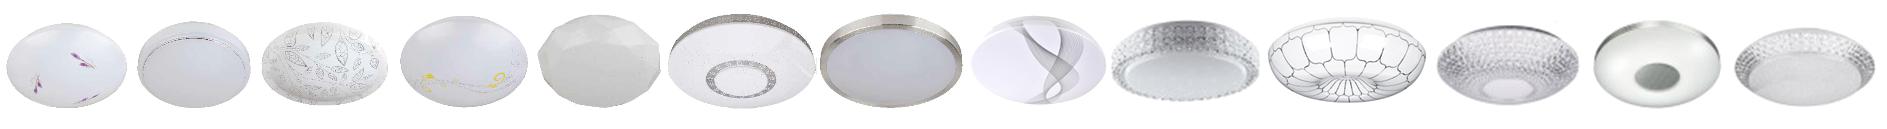 Светодиодные настенно-потолочные светильники